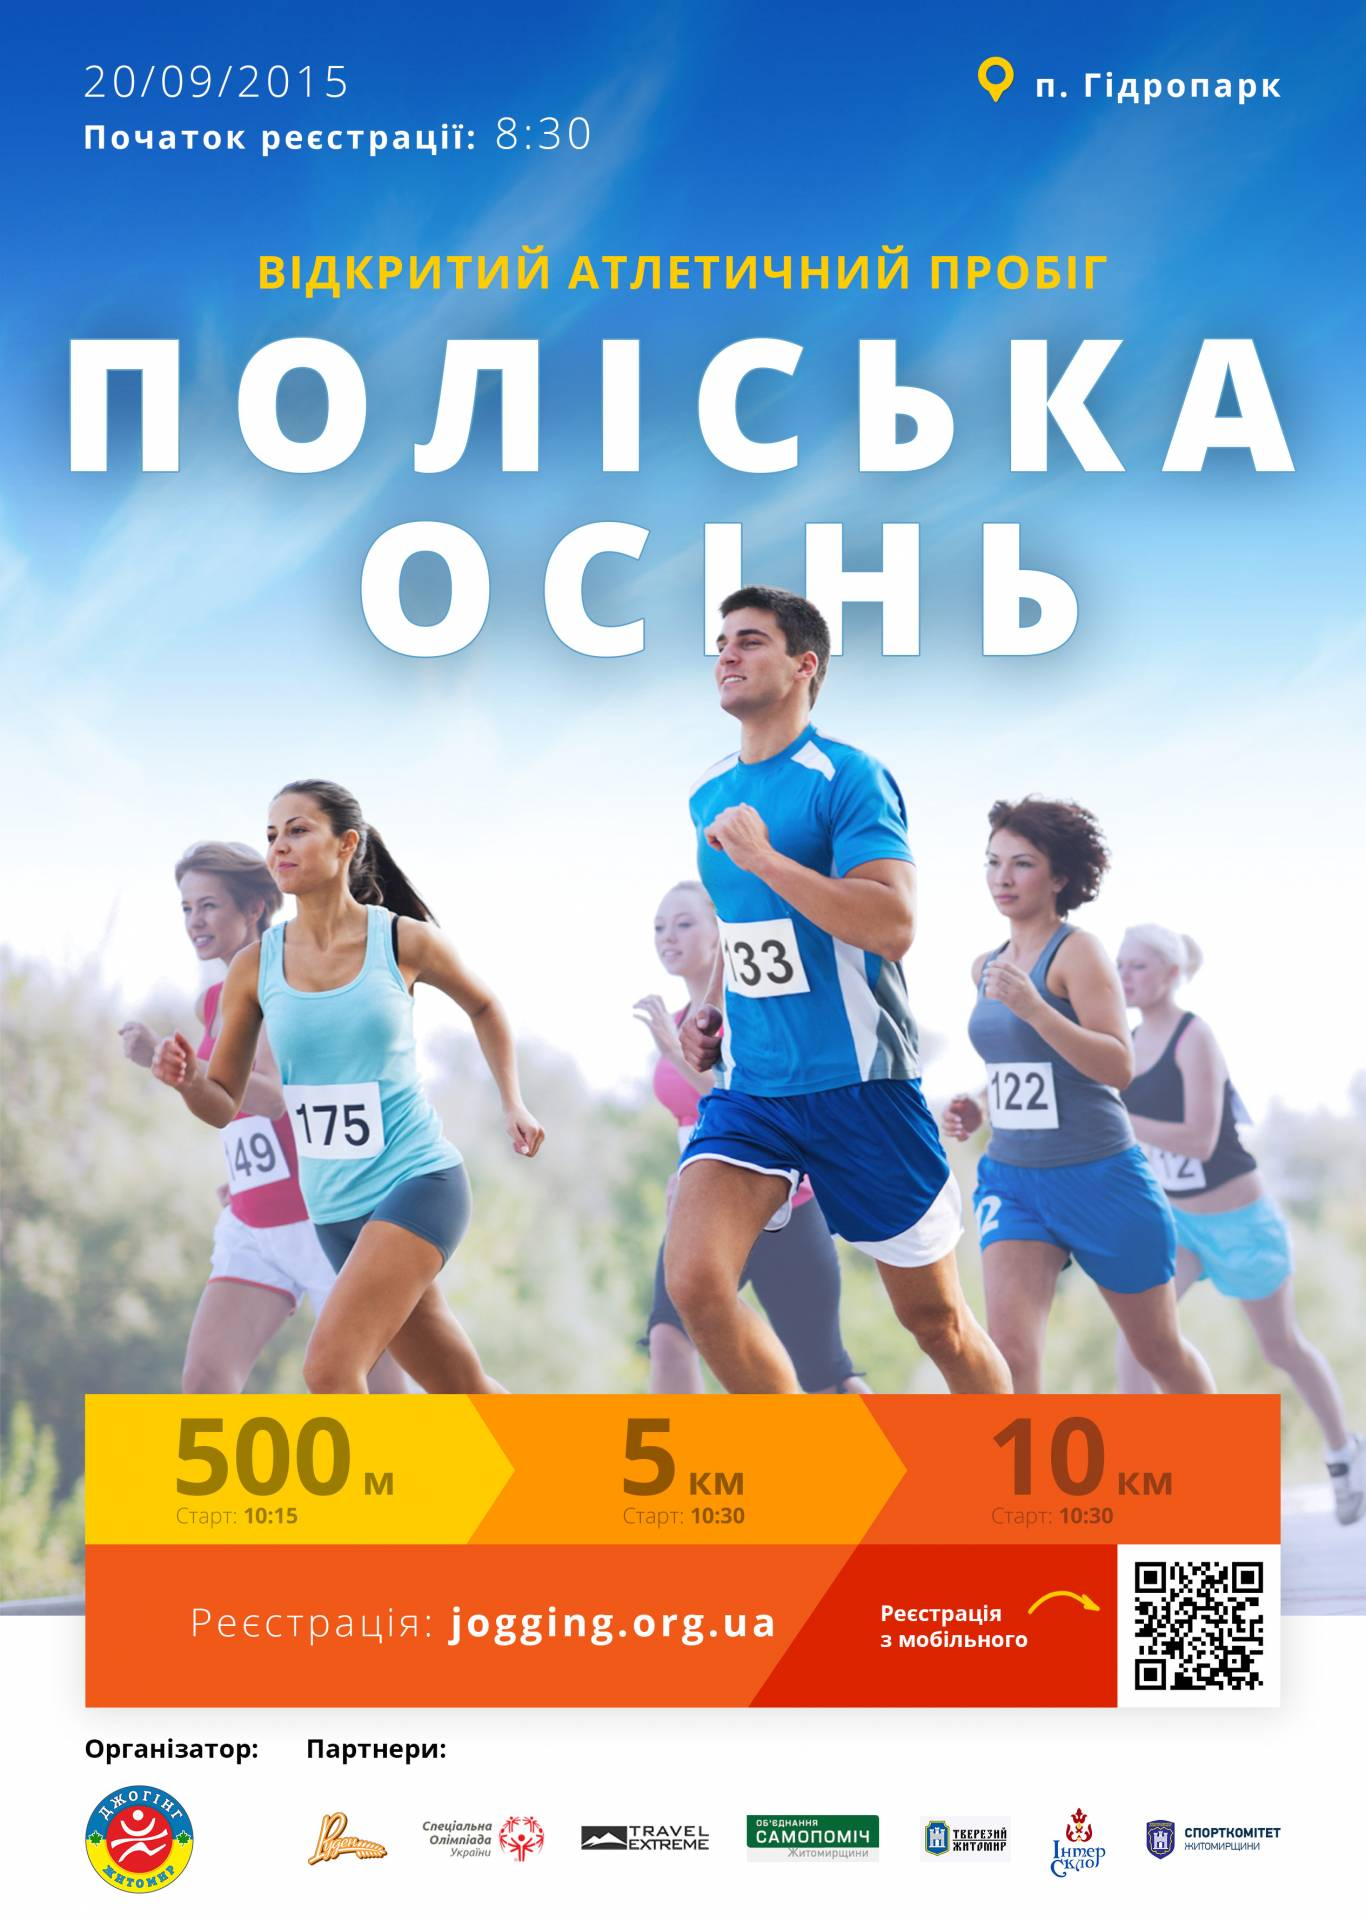 """Відкритий пробіг """"Поліська осінь 2015"""""""